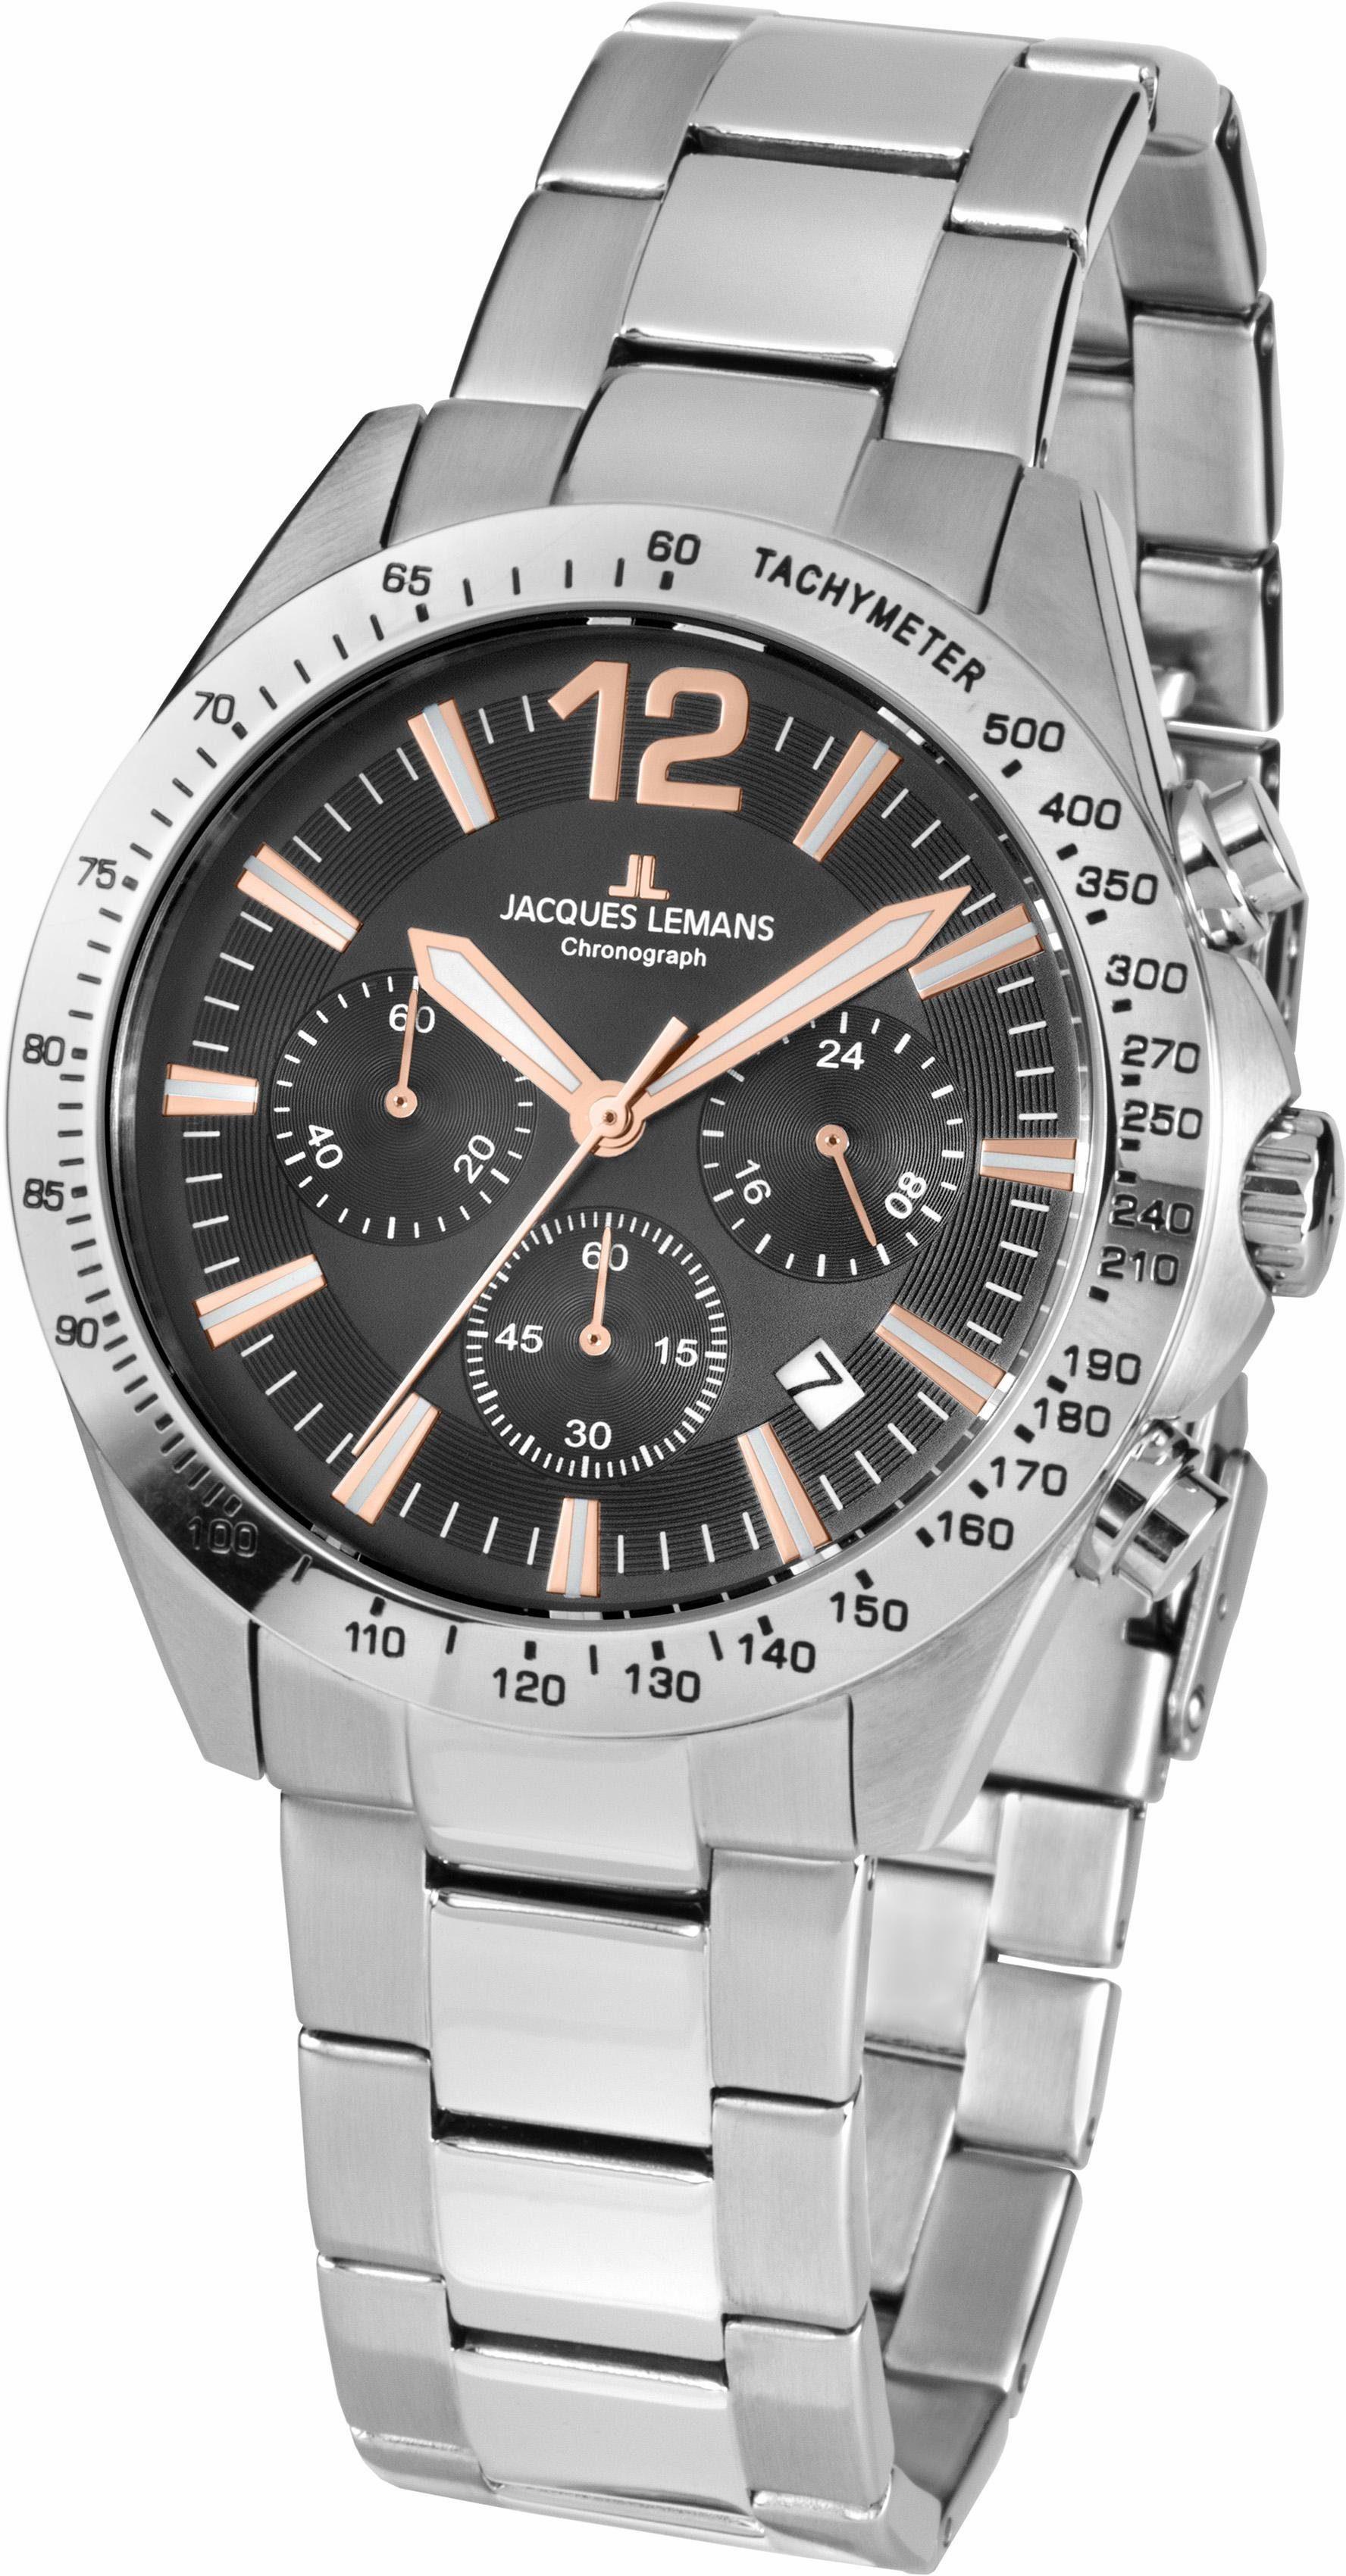 Jacques Lemans Sports Chronograph »Aktionsuhr, 42-5F«